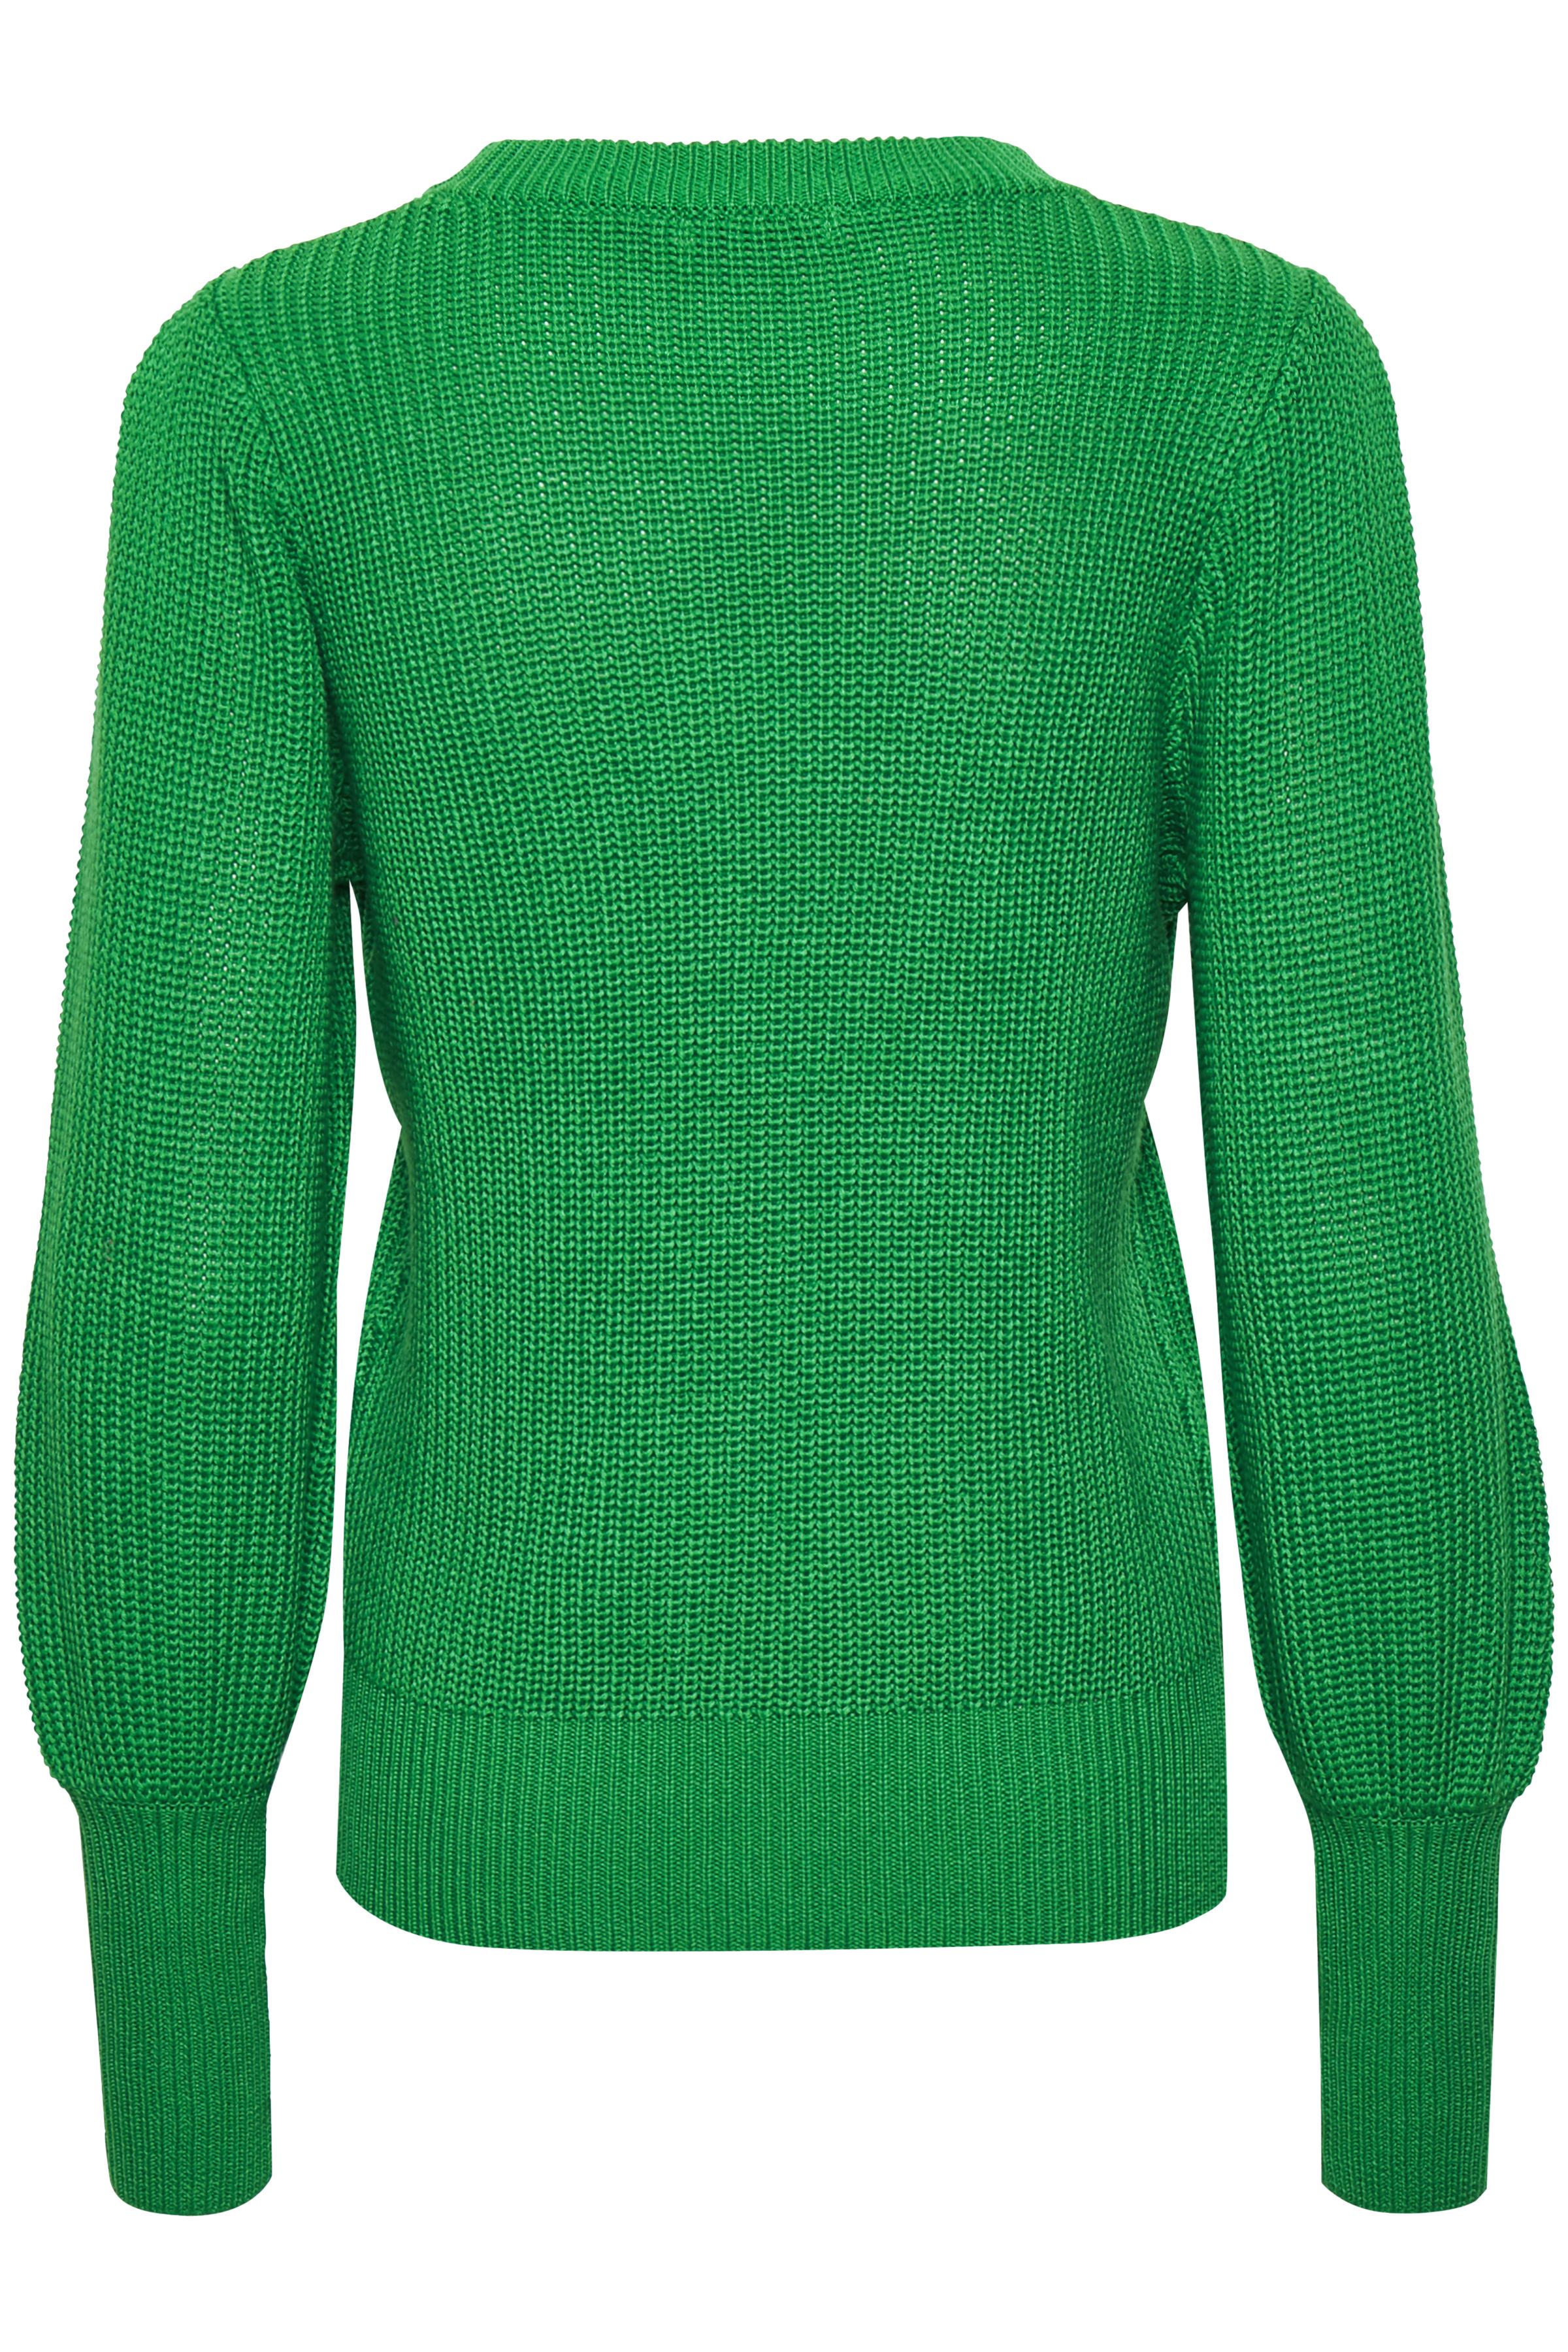 Grøn Strikbluse fra Dranella – Køb Grøn Strikbluse fra str. XS-XXL her